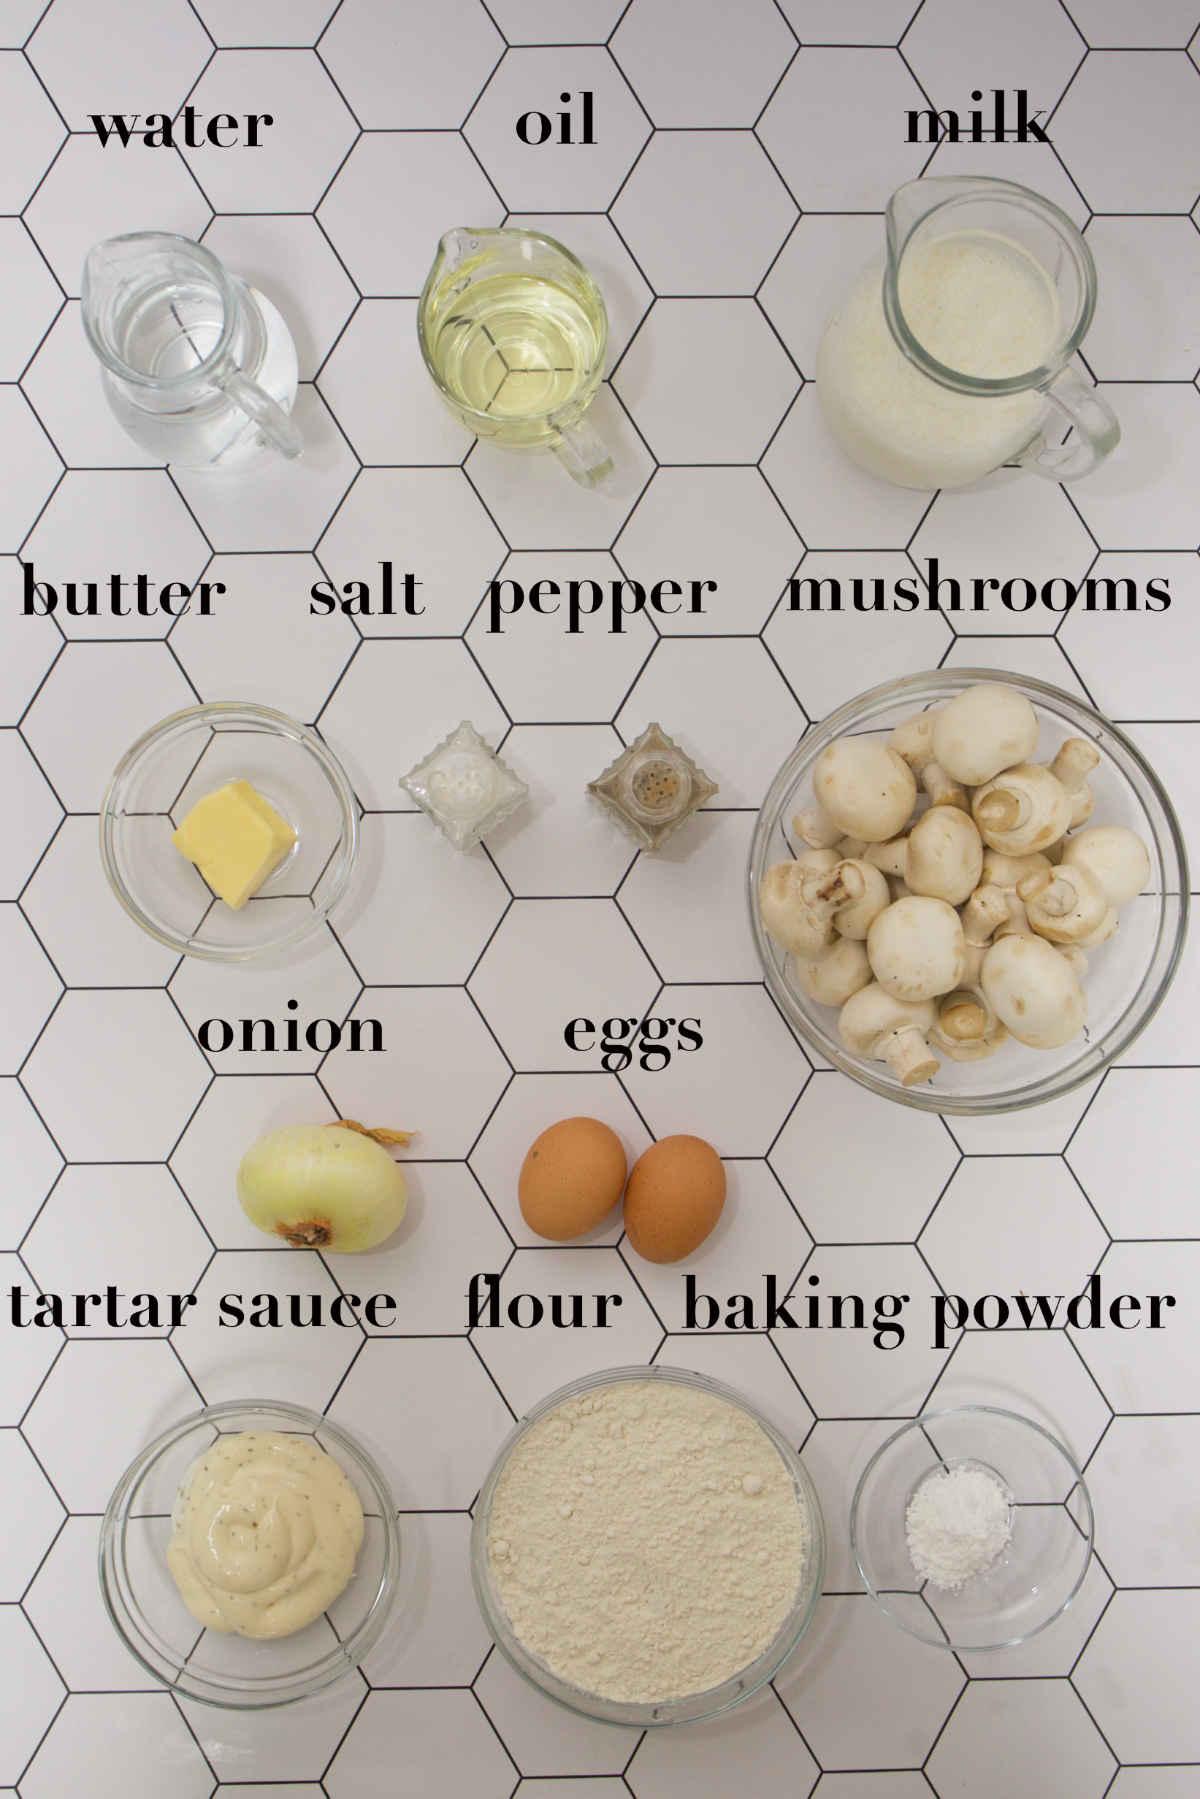 Twelve ingredients on top of the table.